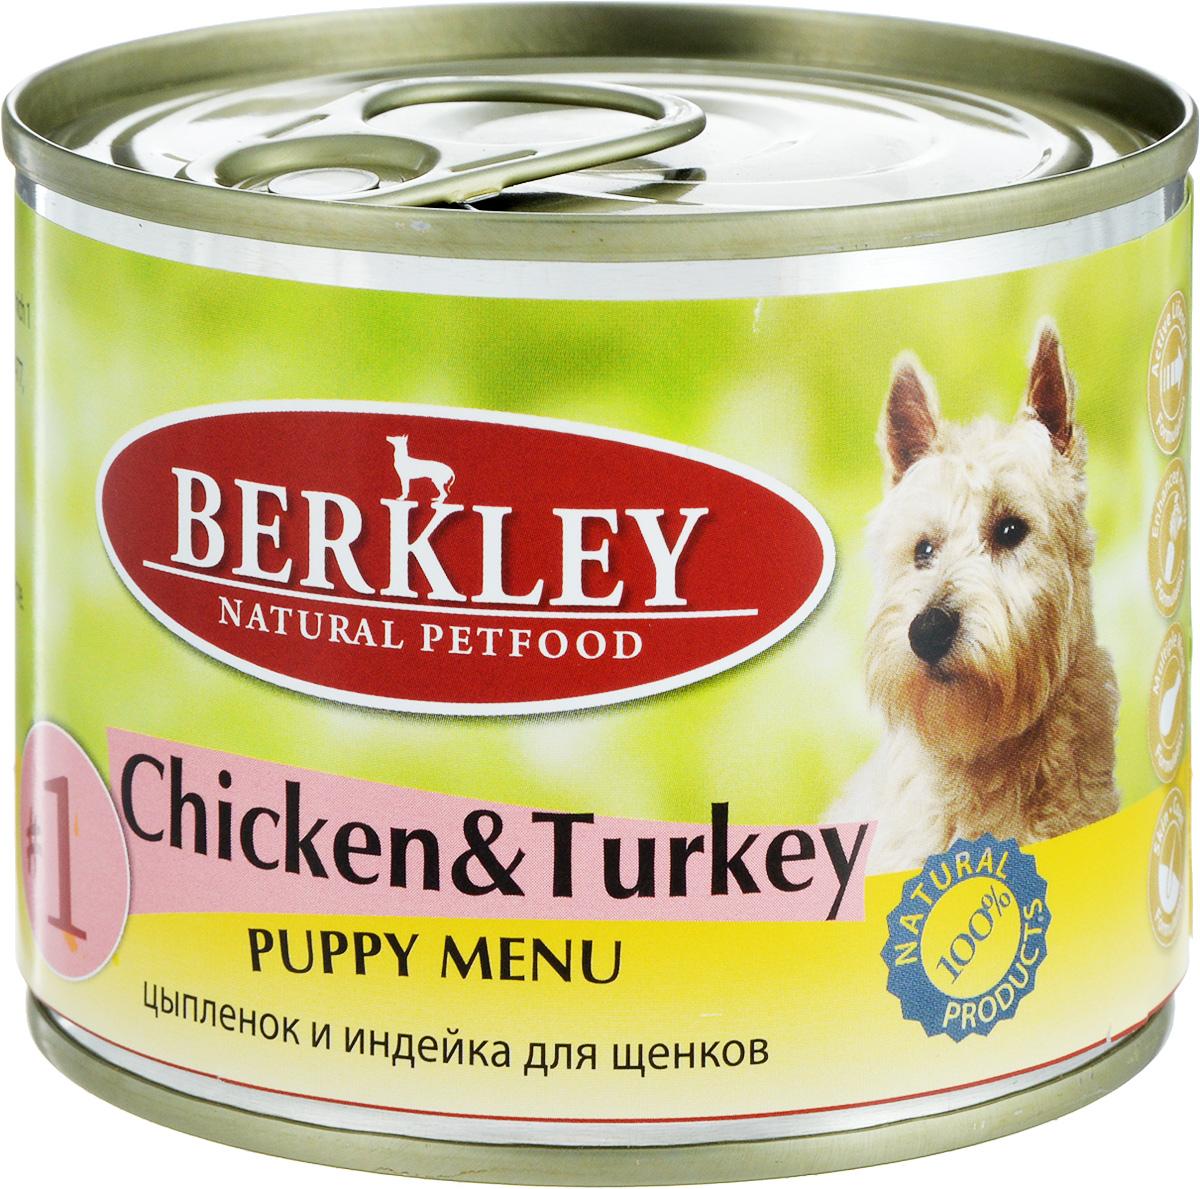 Консервы Berkley Puppy Menu, для щенков, цыпленок с индейкой, 200 г57472/75000Консервы Berkley Puppy Menu - полноценное консервированное питание для щенков. Не содержат сои, консервантов, искусственных красителей и ароматизаторов. Корм полностью удовлетворяет ежедневные энергетические потребности животного и обеспечивает оптимальное функционирование пищеварительной системы. Товар сертифицирован.